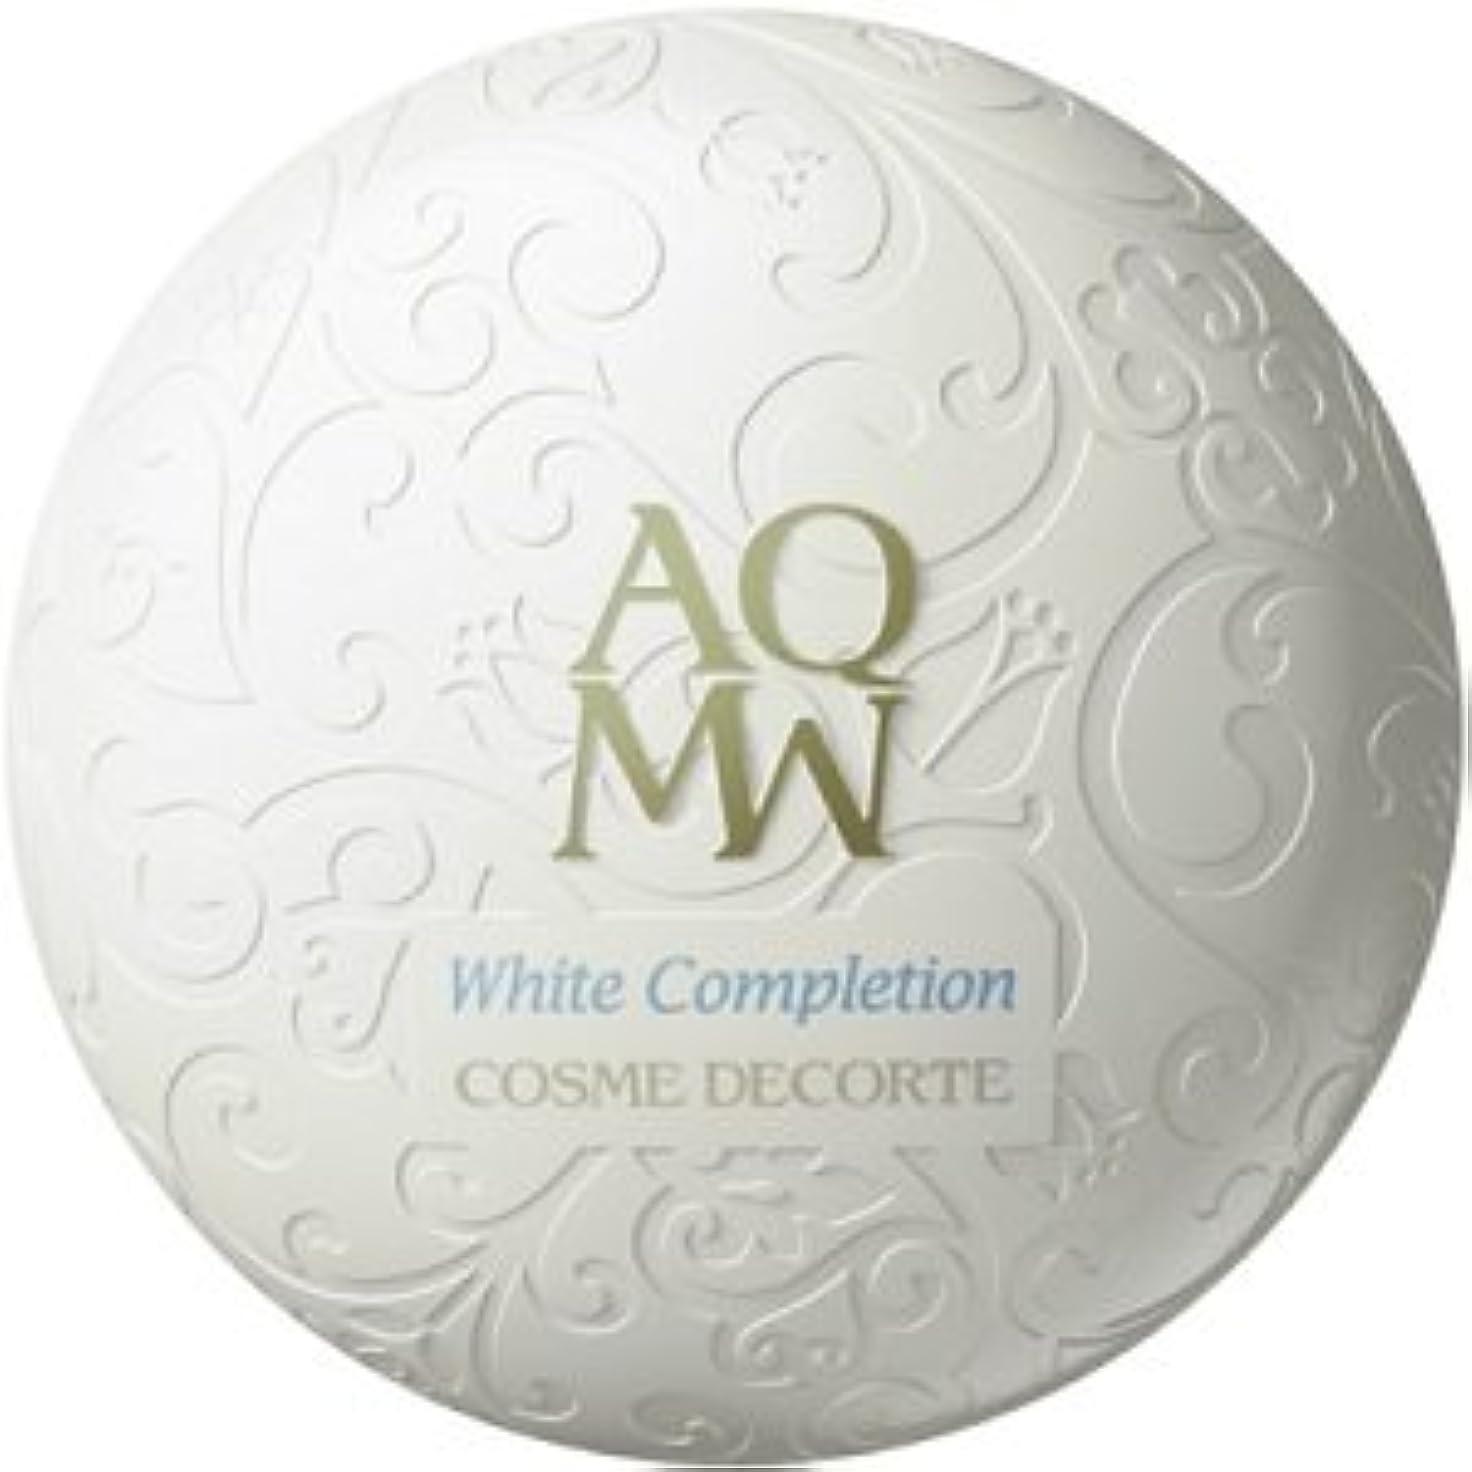 ランドリー注入する抑圧コスメデコルテ AQMW ホワイトコンプリーション 25g